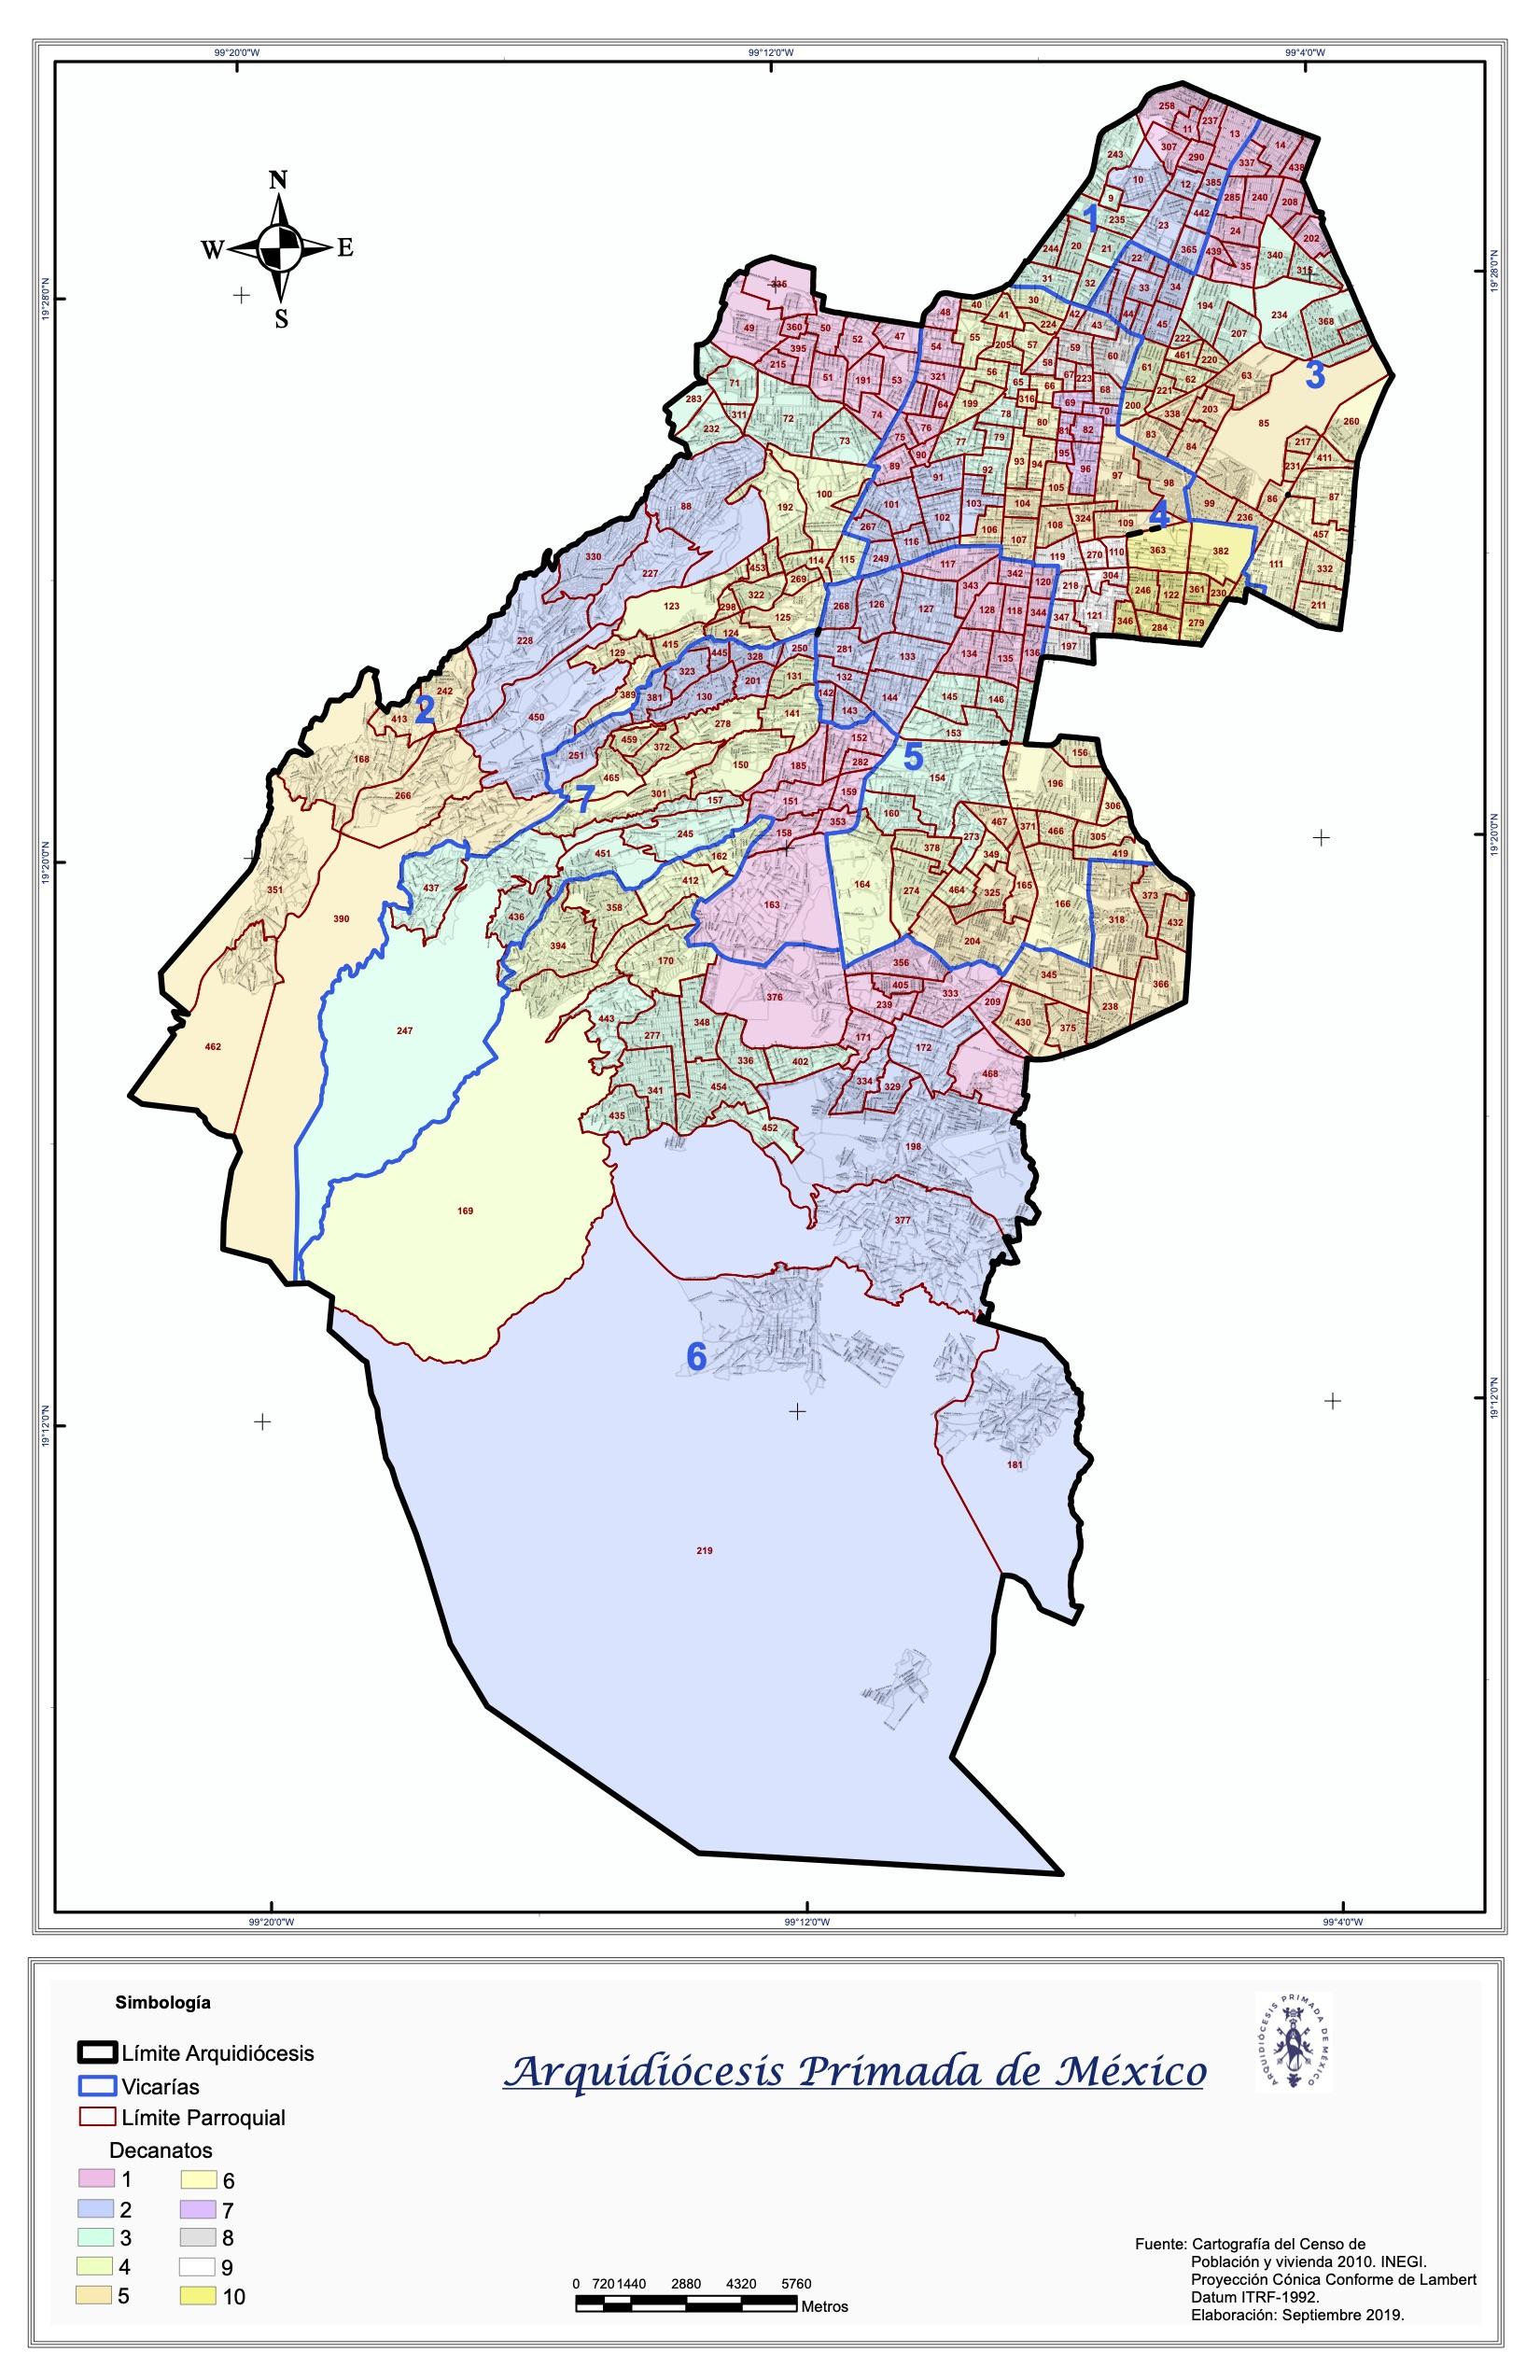 Mapa de la Arquidiócesis Primada de México